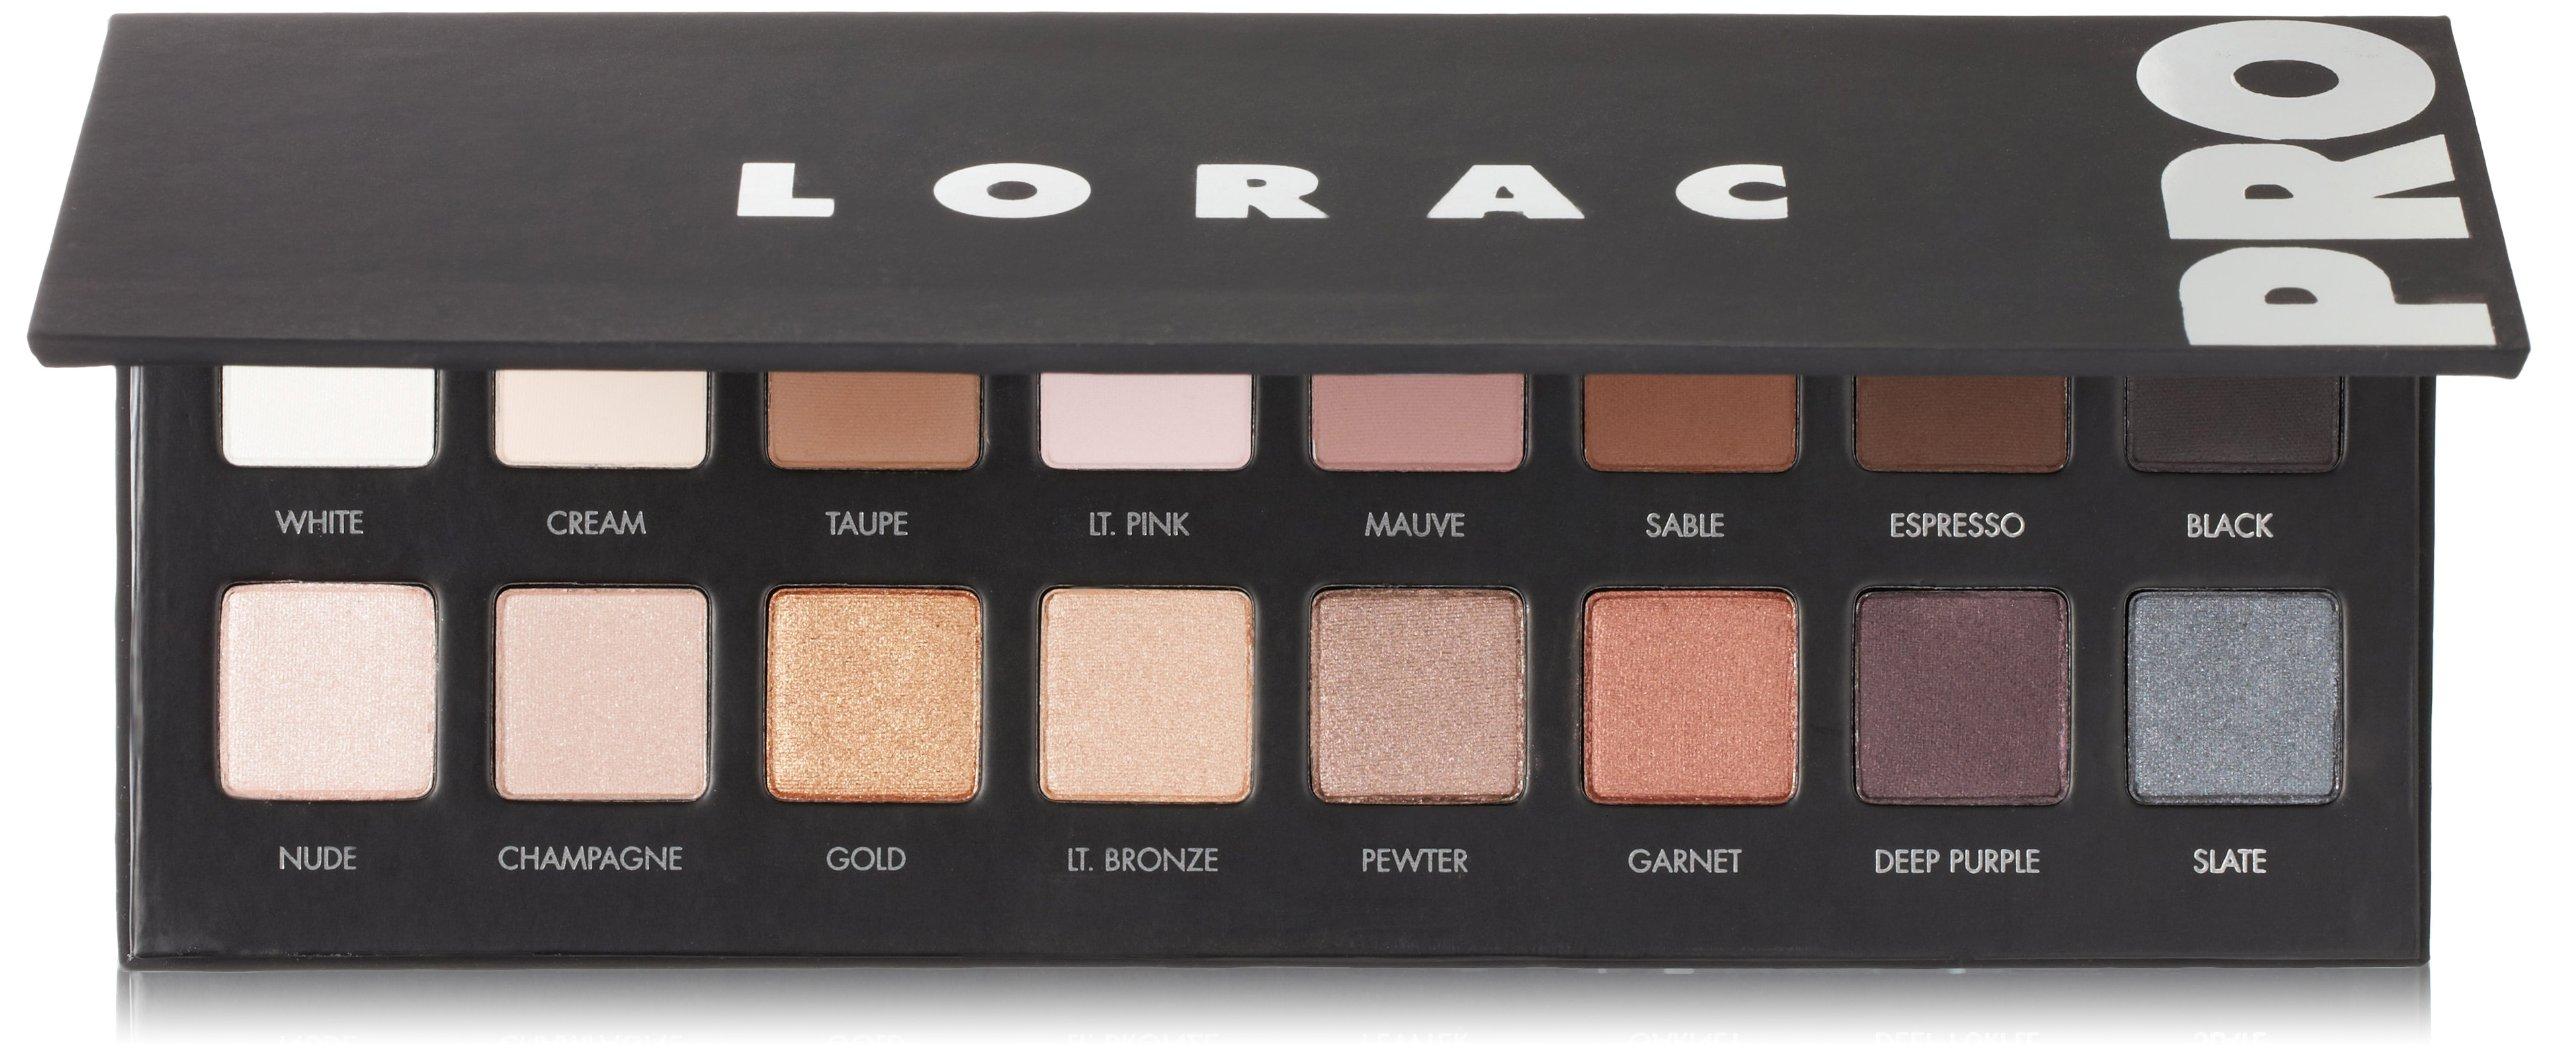 Amazon lorac eye shadow pro palette 3 luxury beauty lorac pro palette baditri Gallery